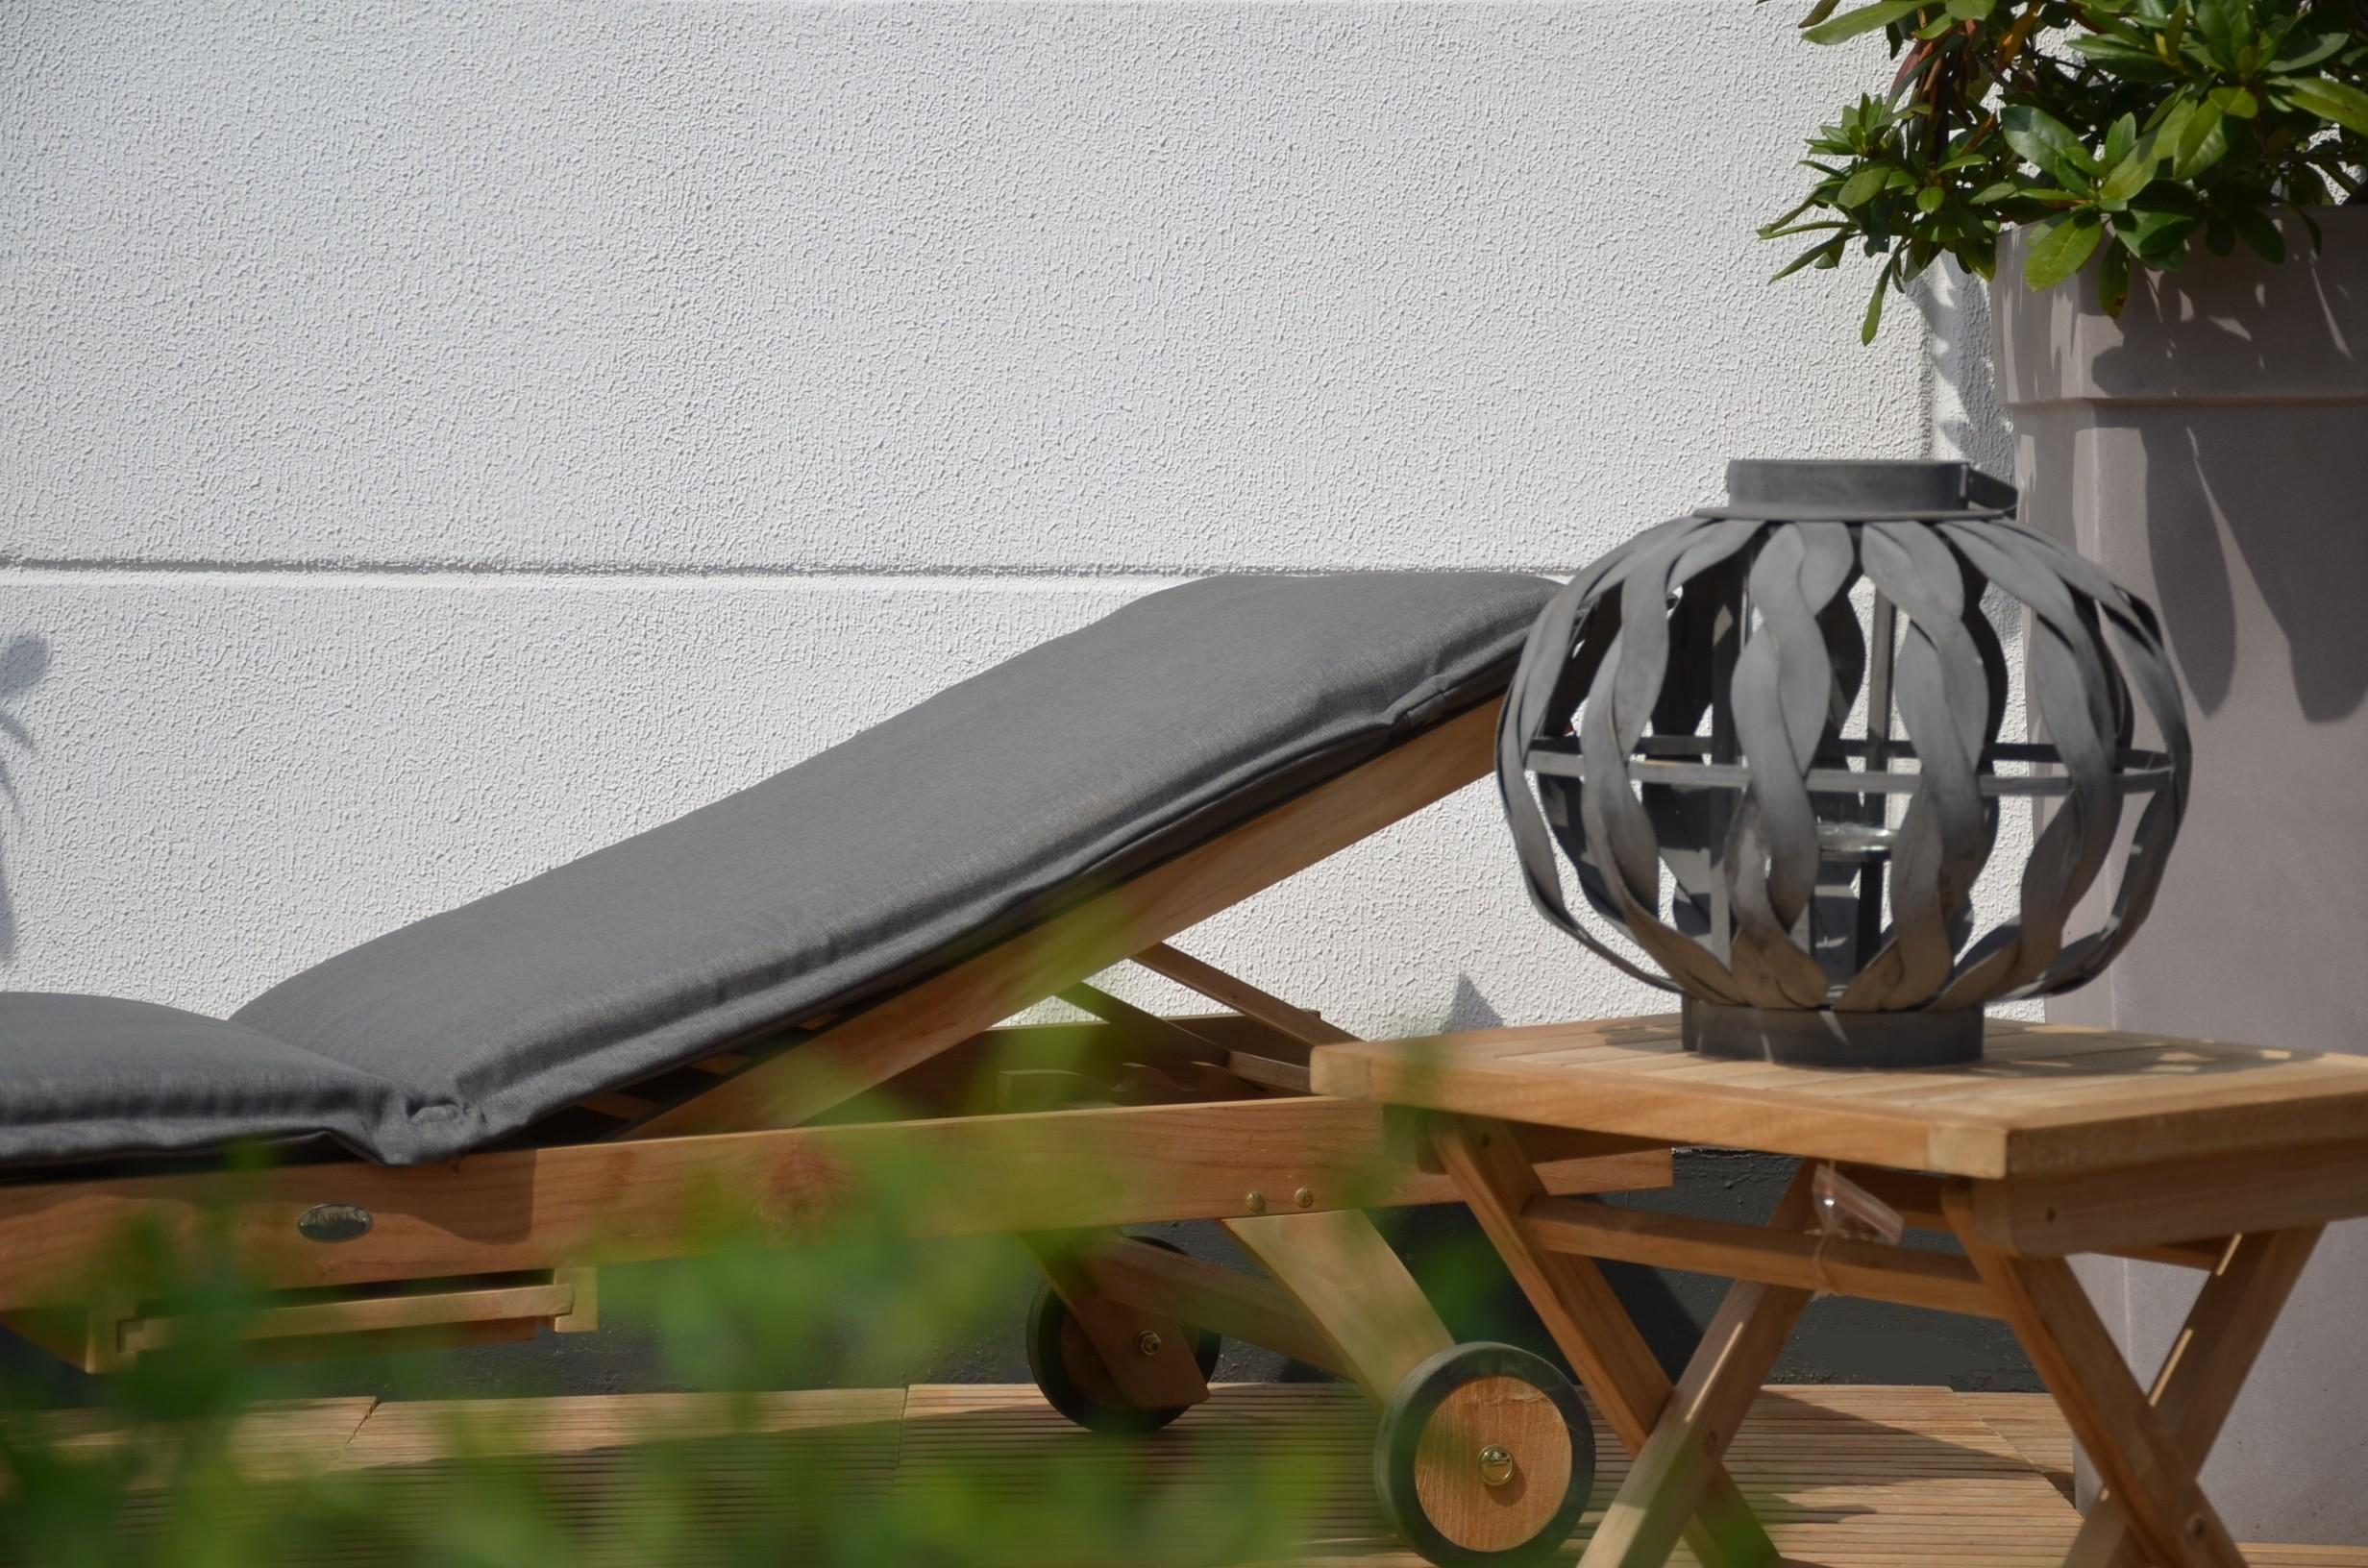 auflagen von jarke dick gepolstert mit rei verschluss in grau. Black Bedroom Furniture Sets. Home Design Ideas